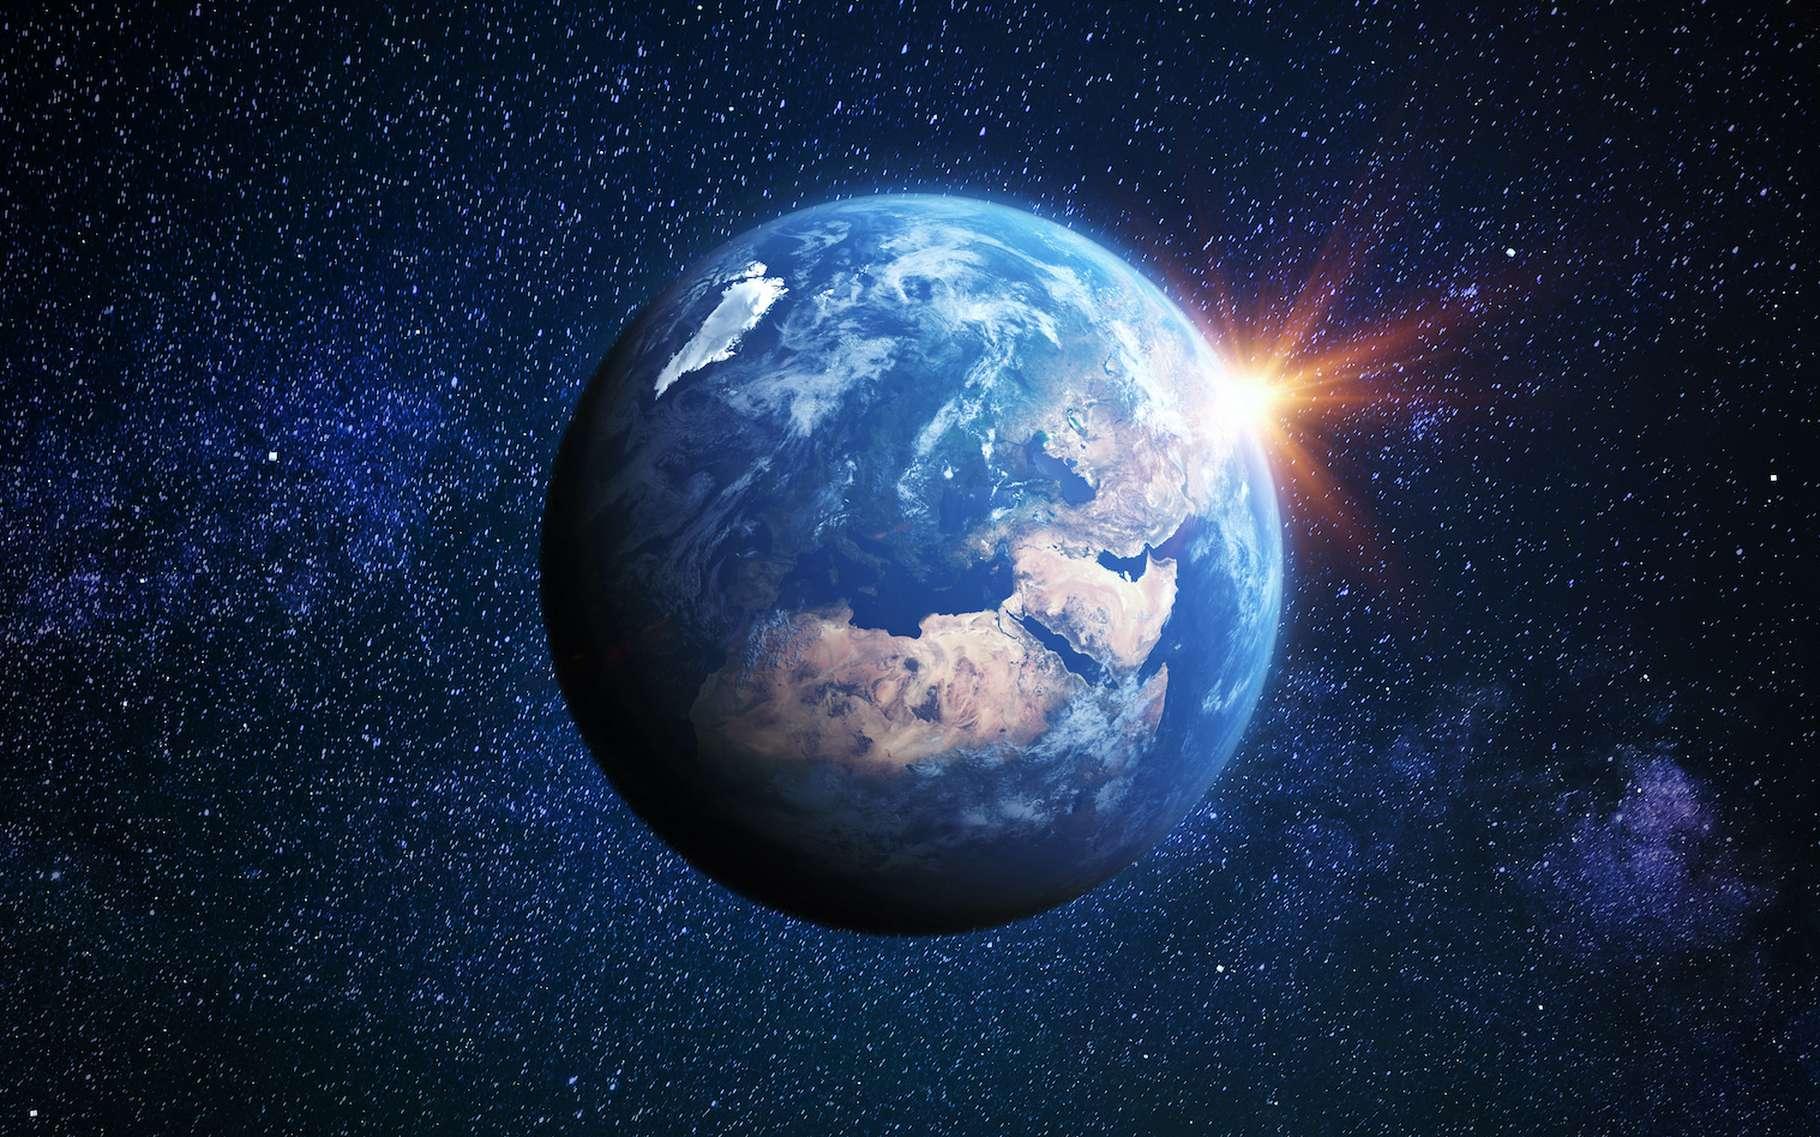 Notre belle Planète se réchauffe. Depuis 20 ans. Et même un peu plus. Mais jusqu'à quand encore ? © 杰 李, Adobe Stock